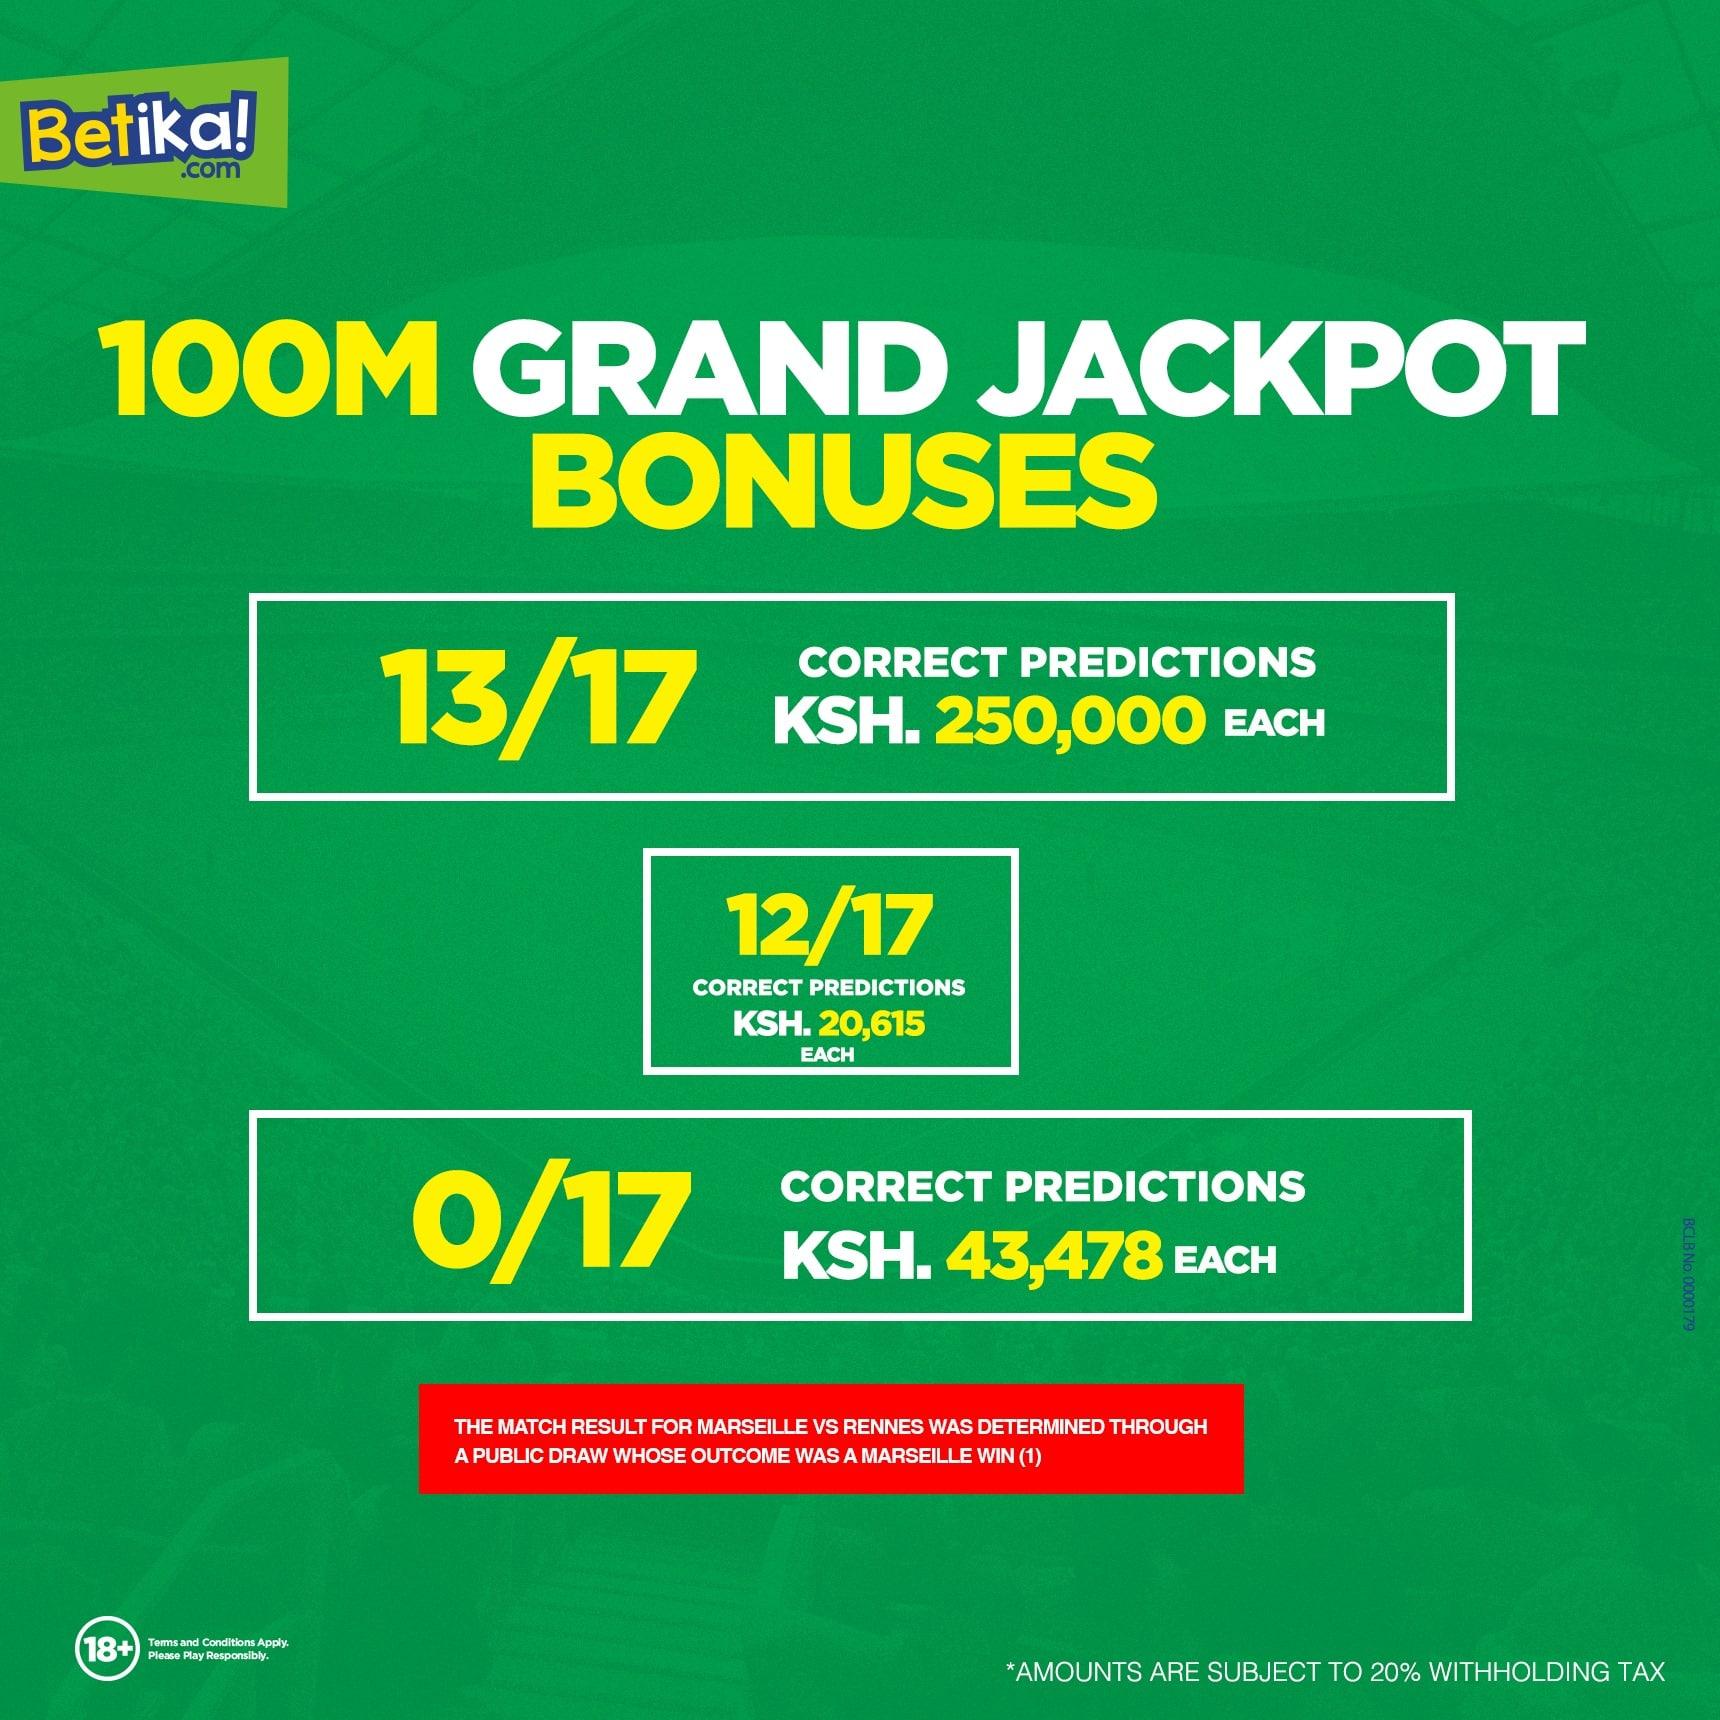 21st Feb Jan Betika Grand Jackpot Predictions